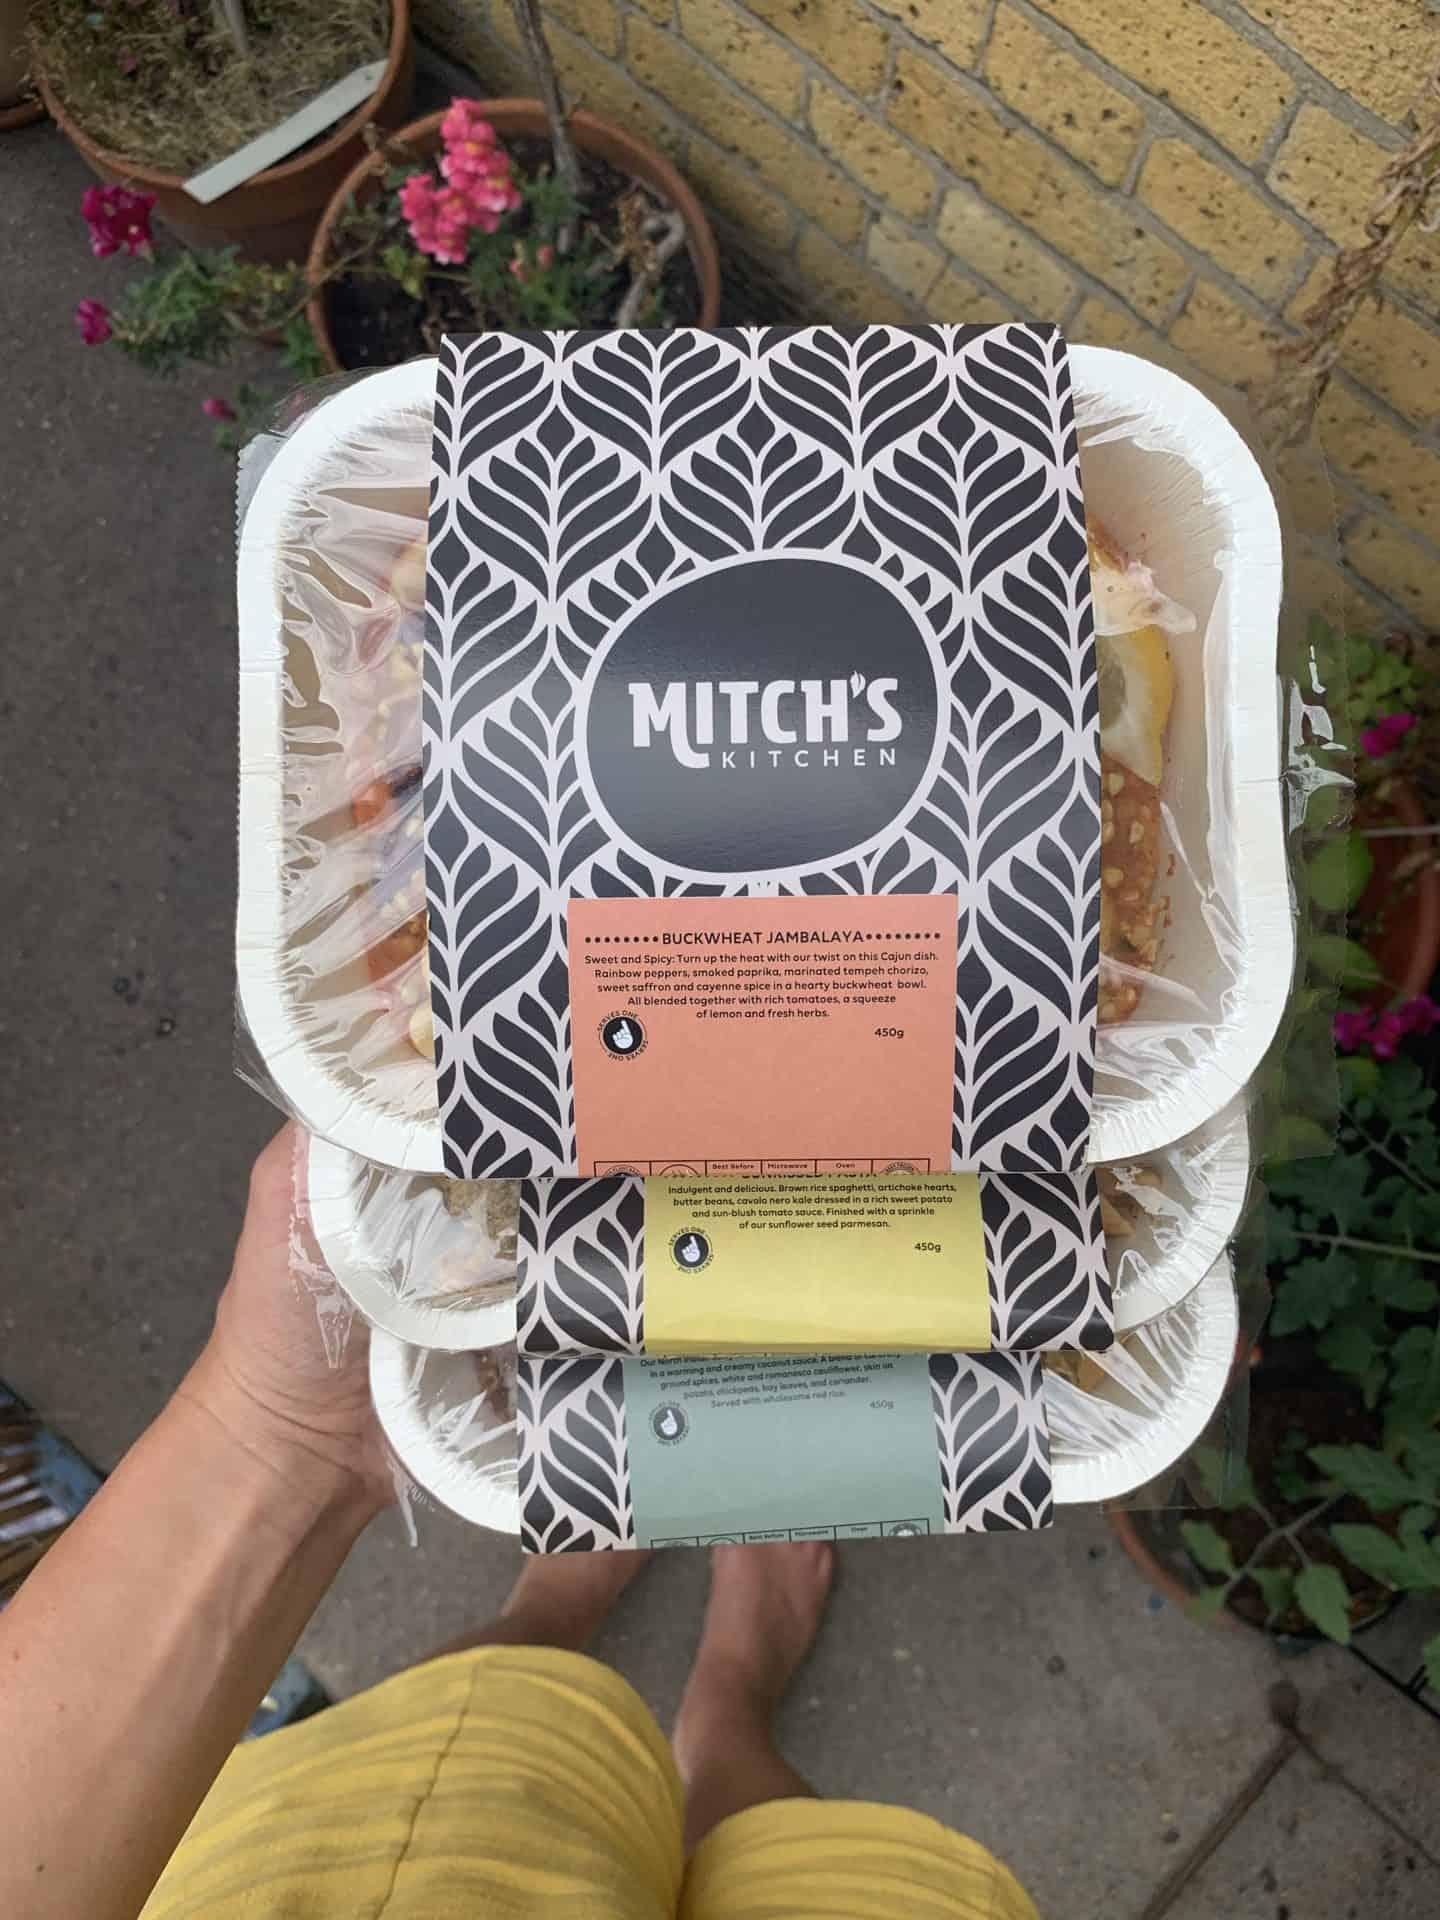 gluten free finds uk july 2019 5